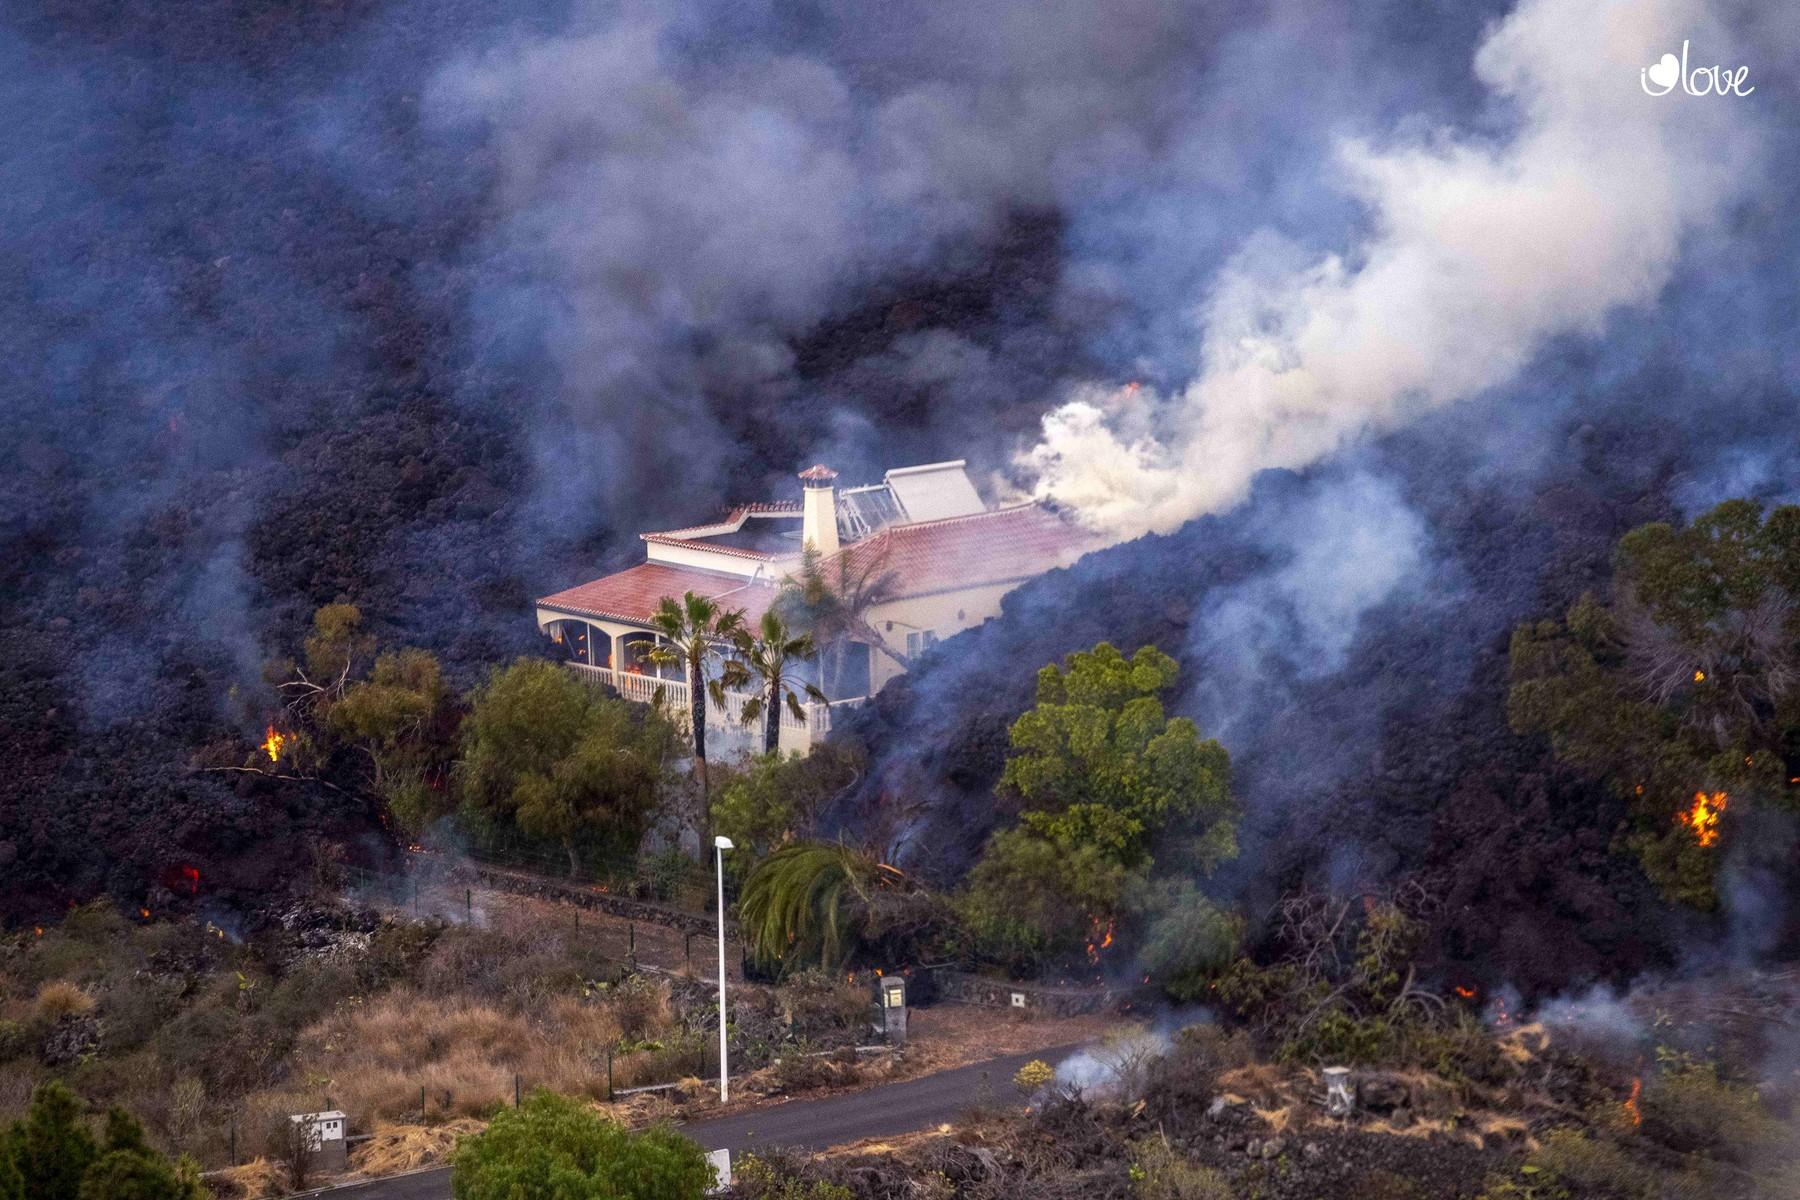 Na španělském ostrově La Palma může magma po nedělní erupci sopky podle odhadu expertů vytékat tři týdny nebo až tři měsíce, informovaldnes deník El País s odkazem na vulkanologický institut Kanárských ostrovů.